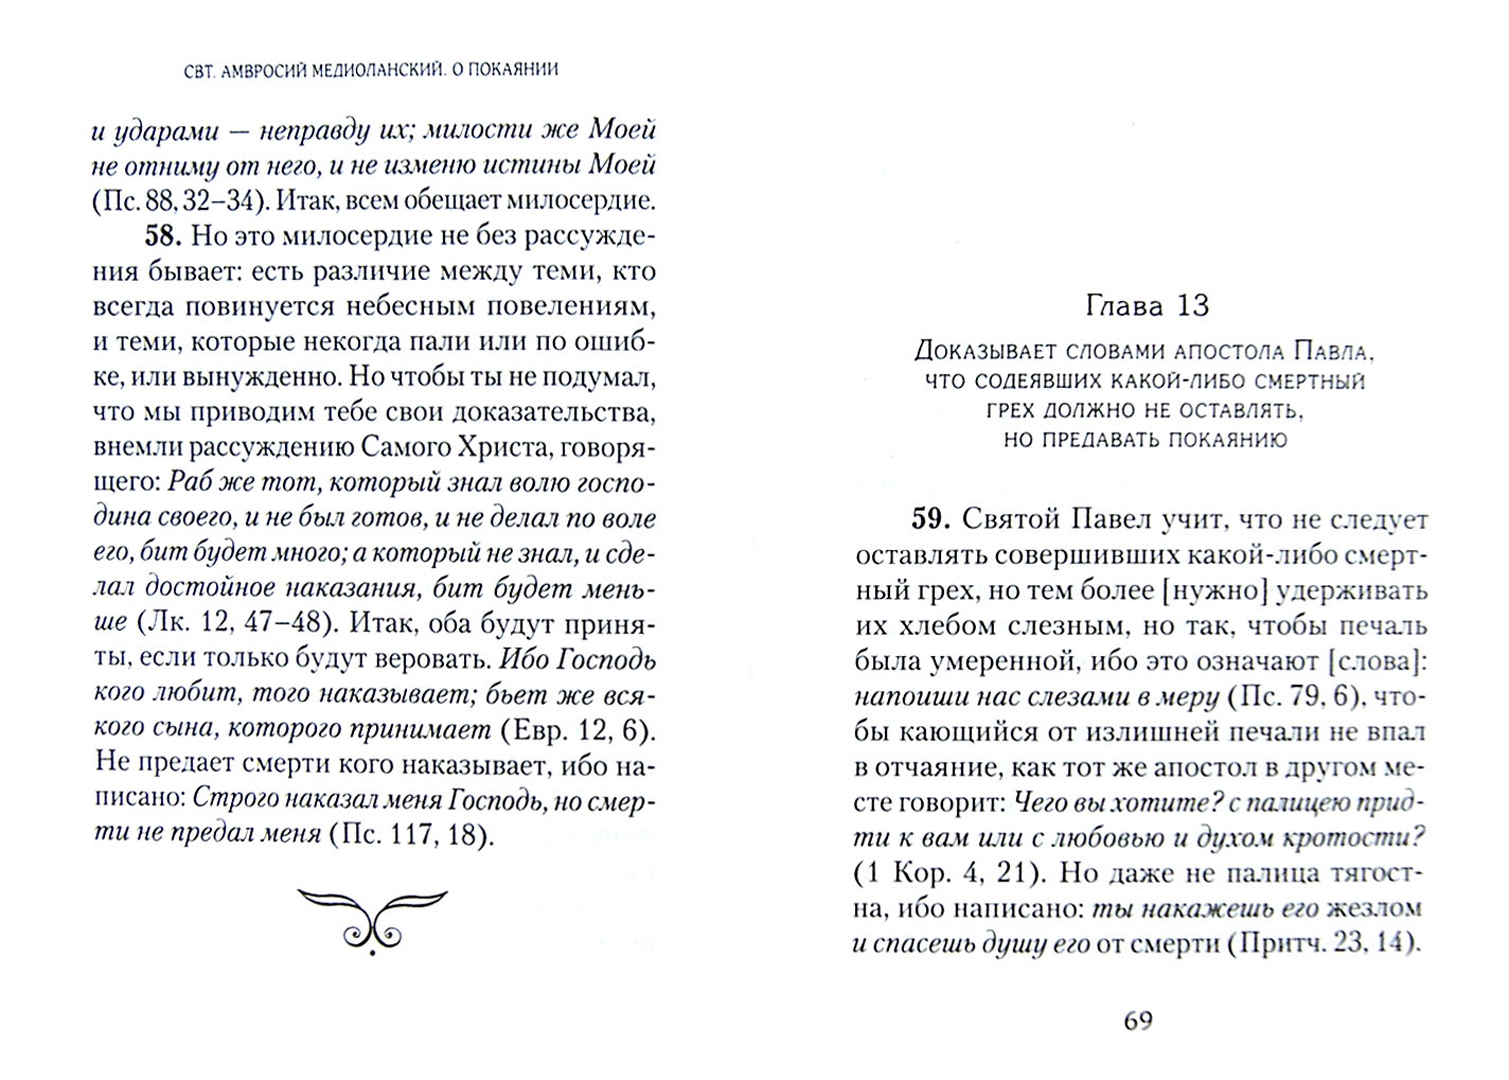 Иллюстрация 1 из 16 для О покаянии - Амвросий Святитель | Лабиринт - книги. Источник: Лабиринт